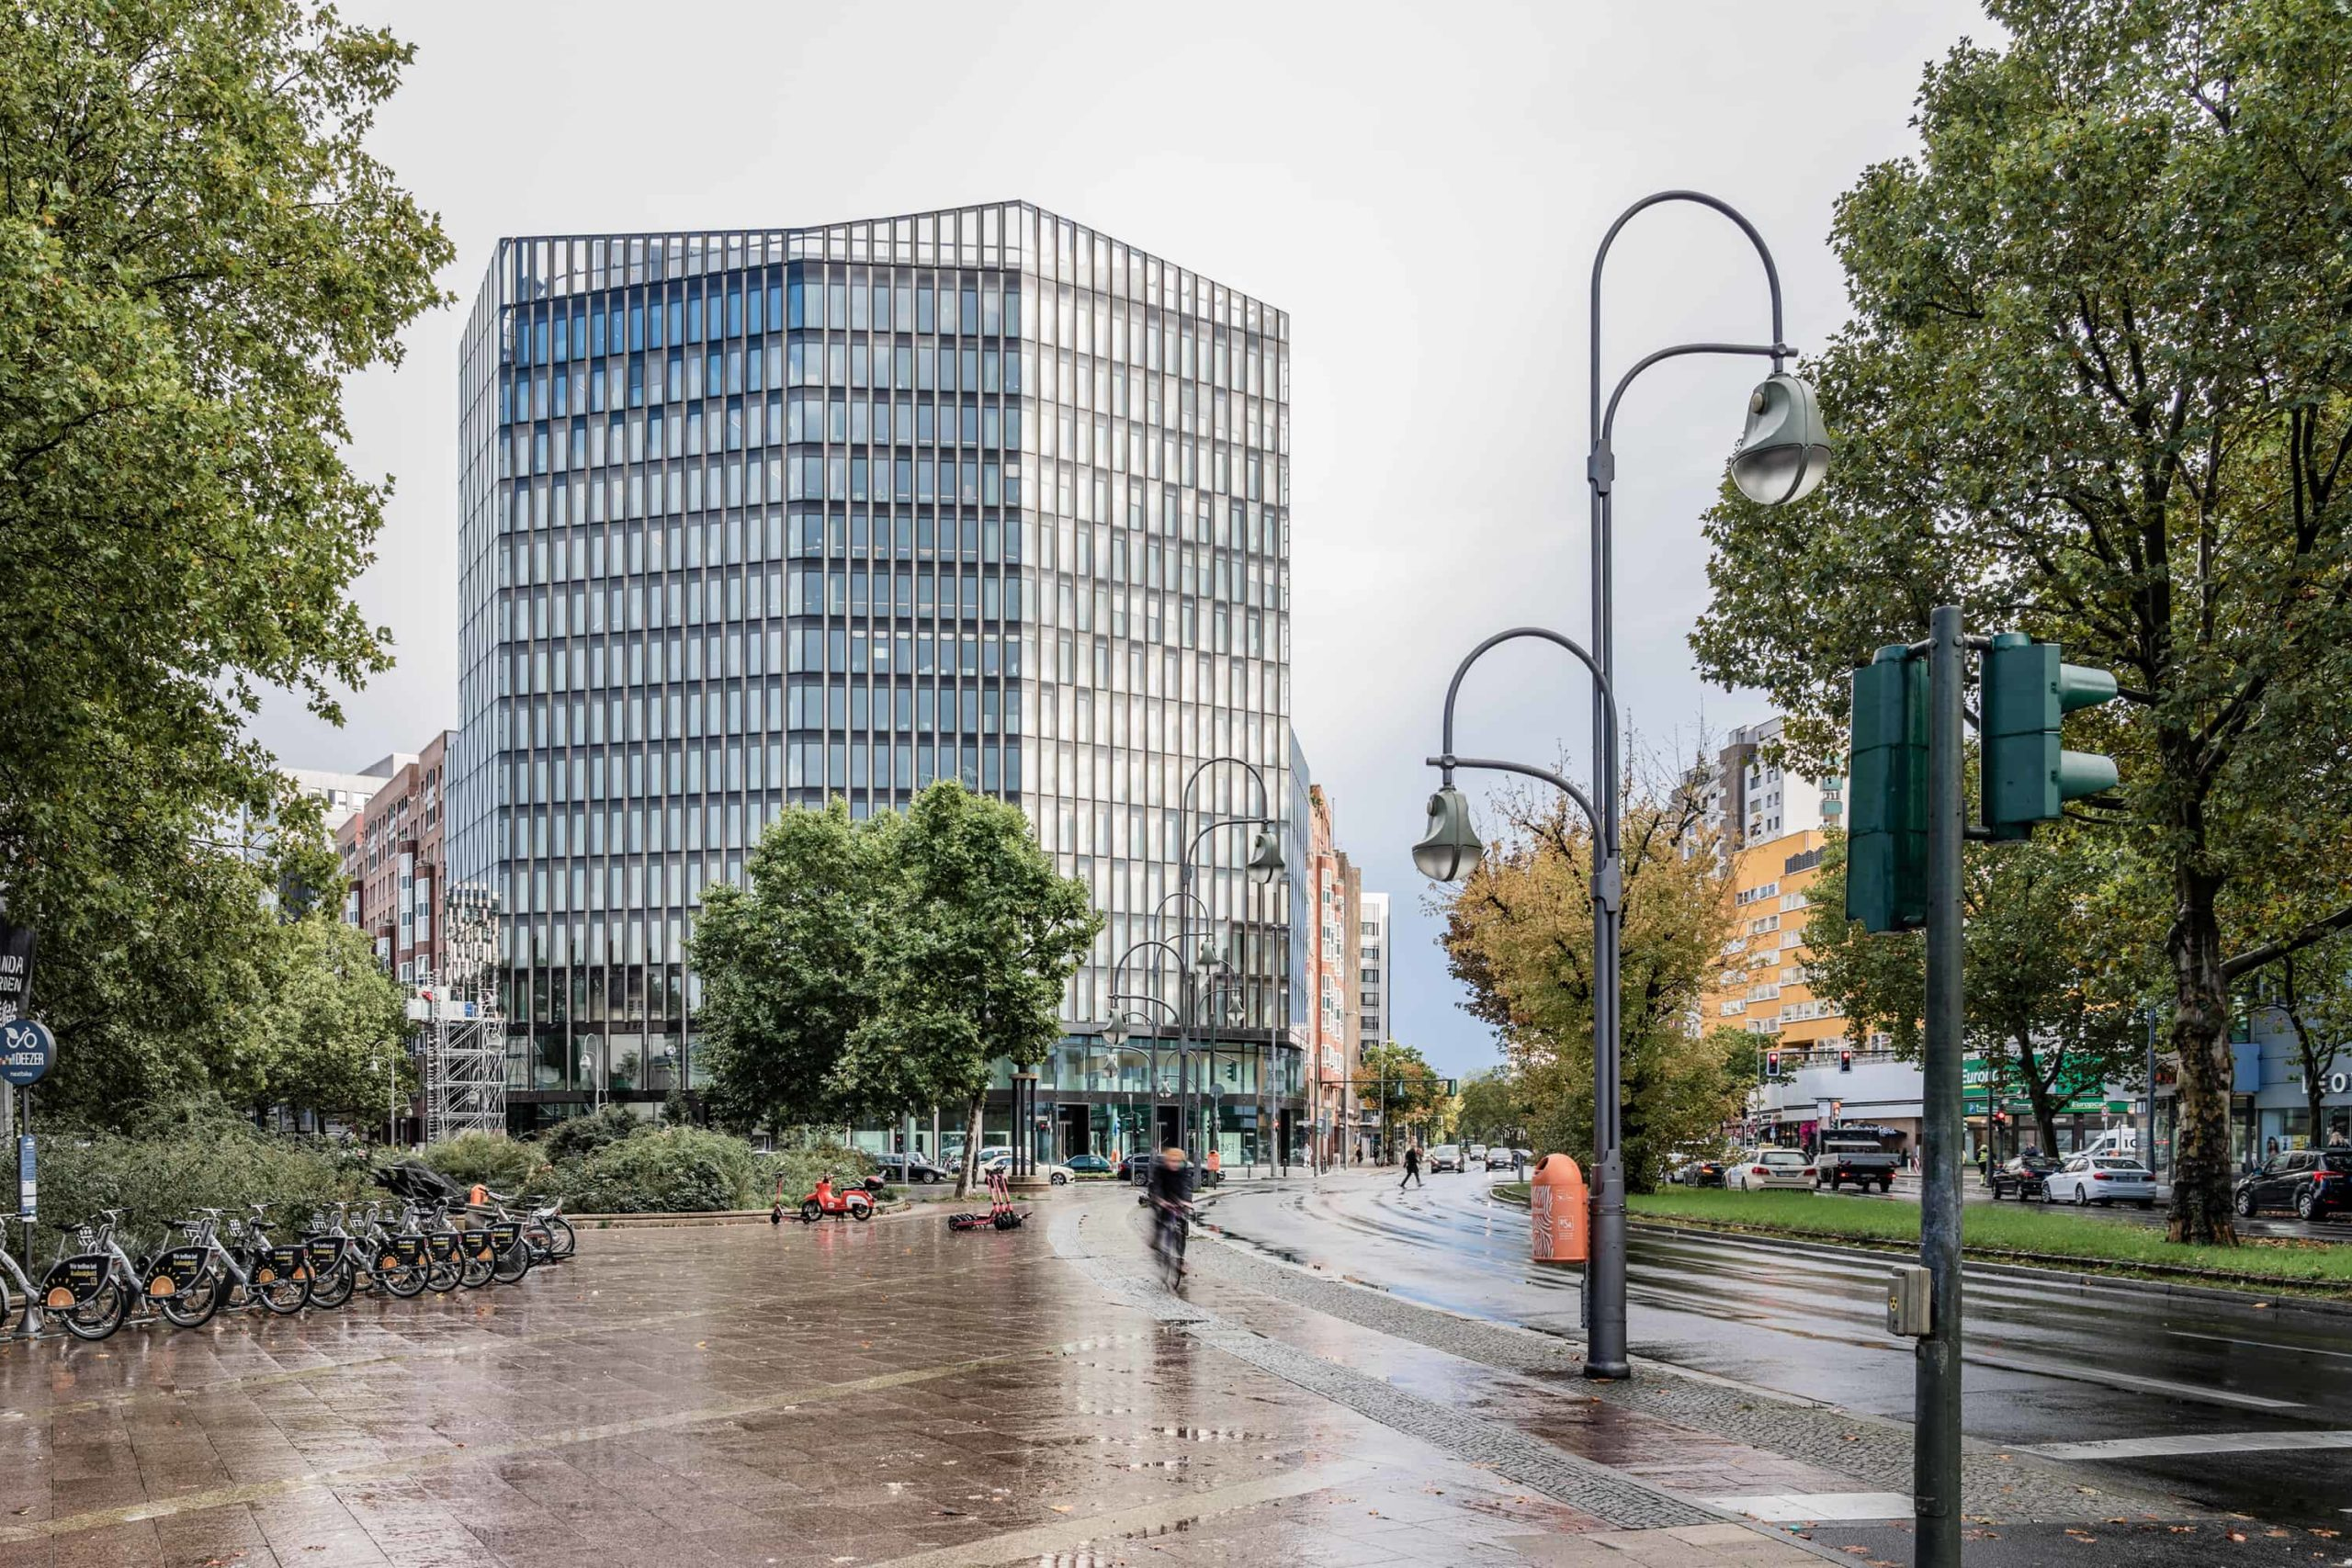 Bürohaus Budapester Straße 35, Grüntuch Ernst Architekten